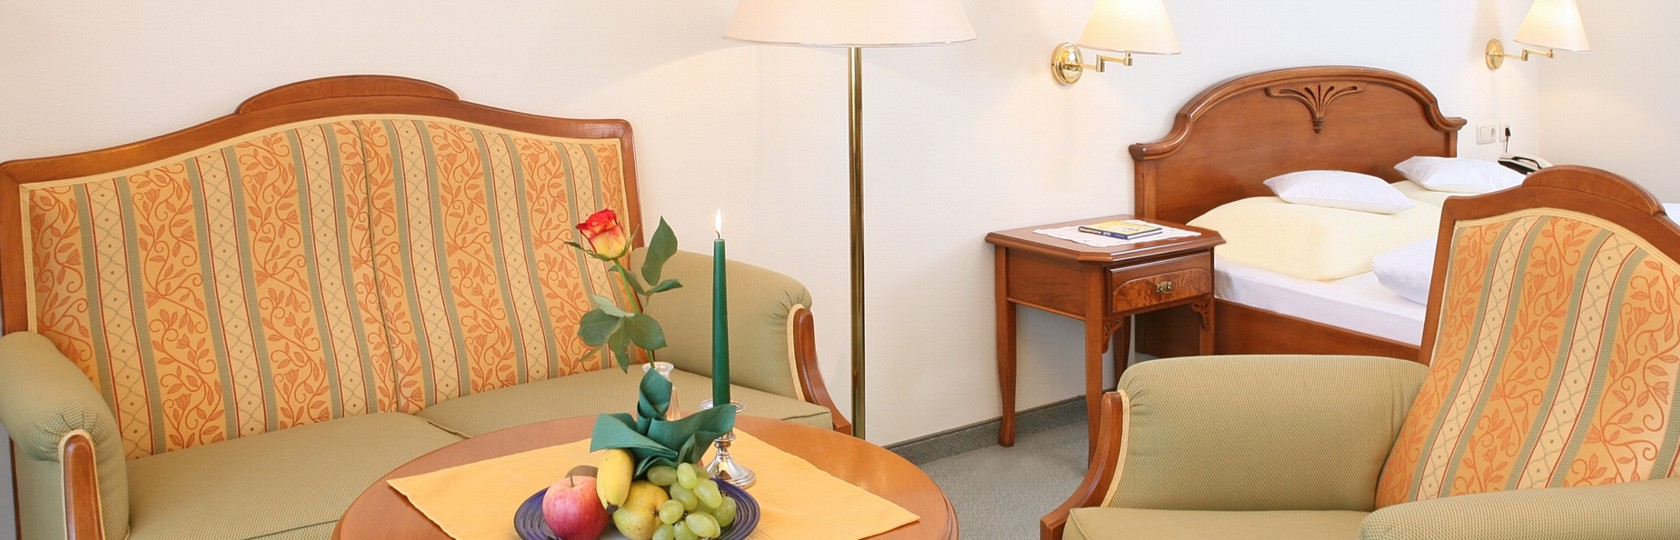 Urlaub Hotel LEITNERBRÄU Mondsee